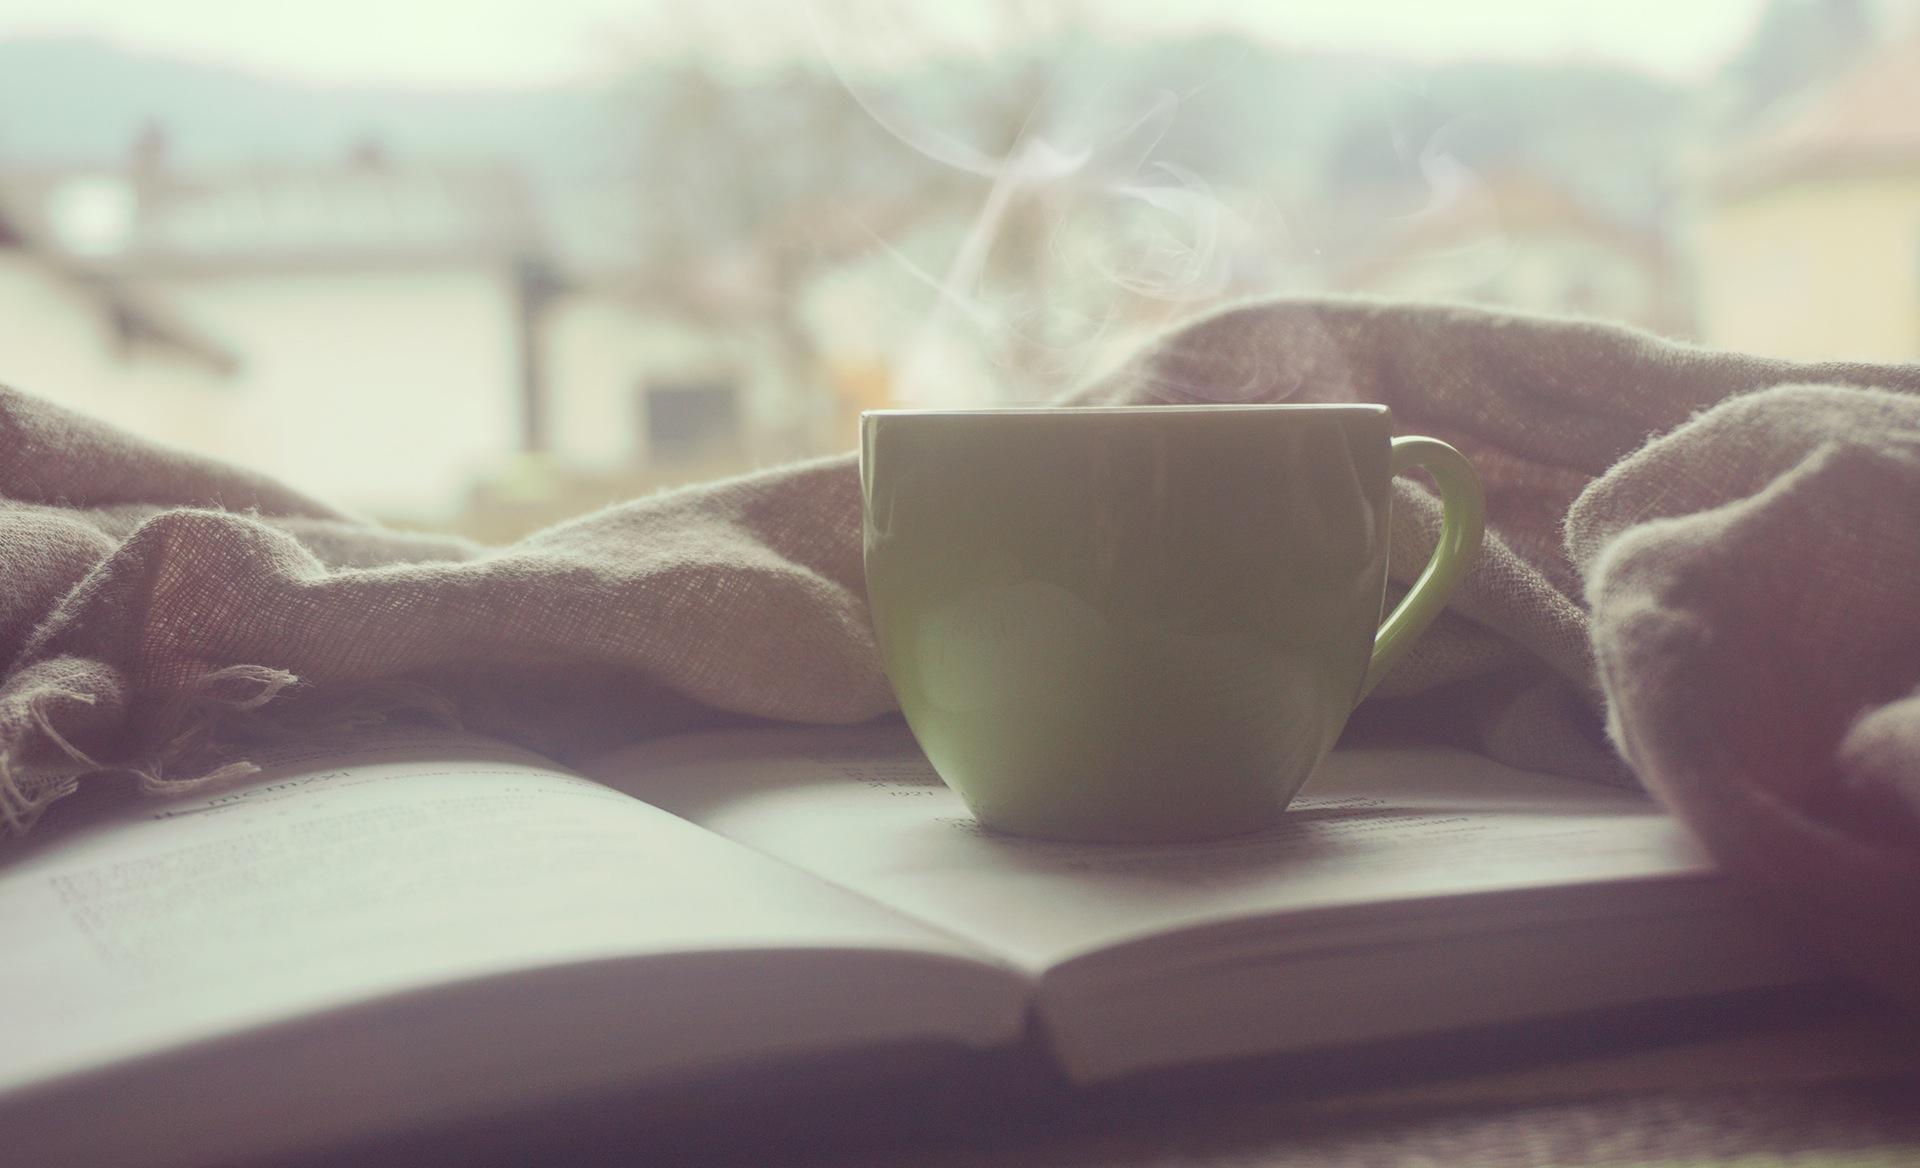 café, Copa, Livro, leitura, Eu sou um estudante, Xícara de café - Papéis de parede HD - Professor-falken.com